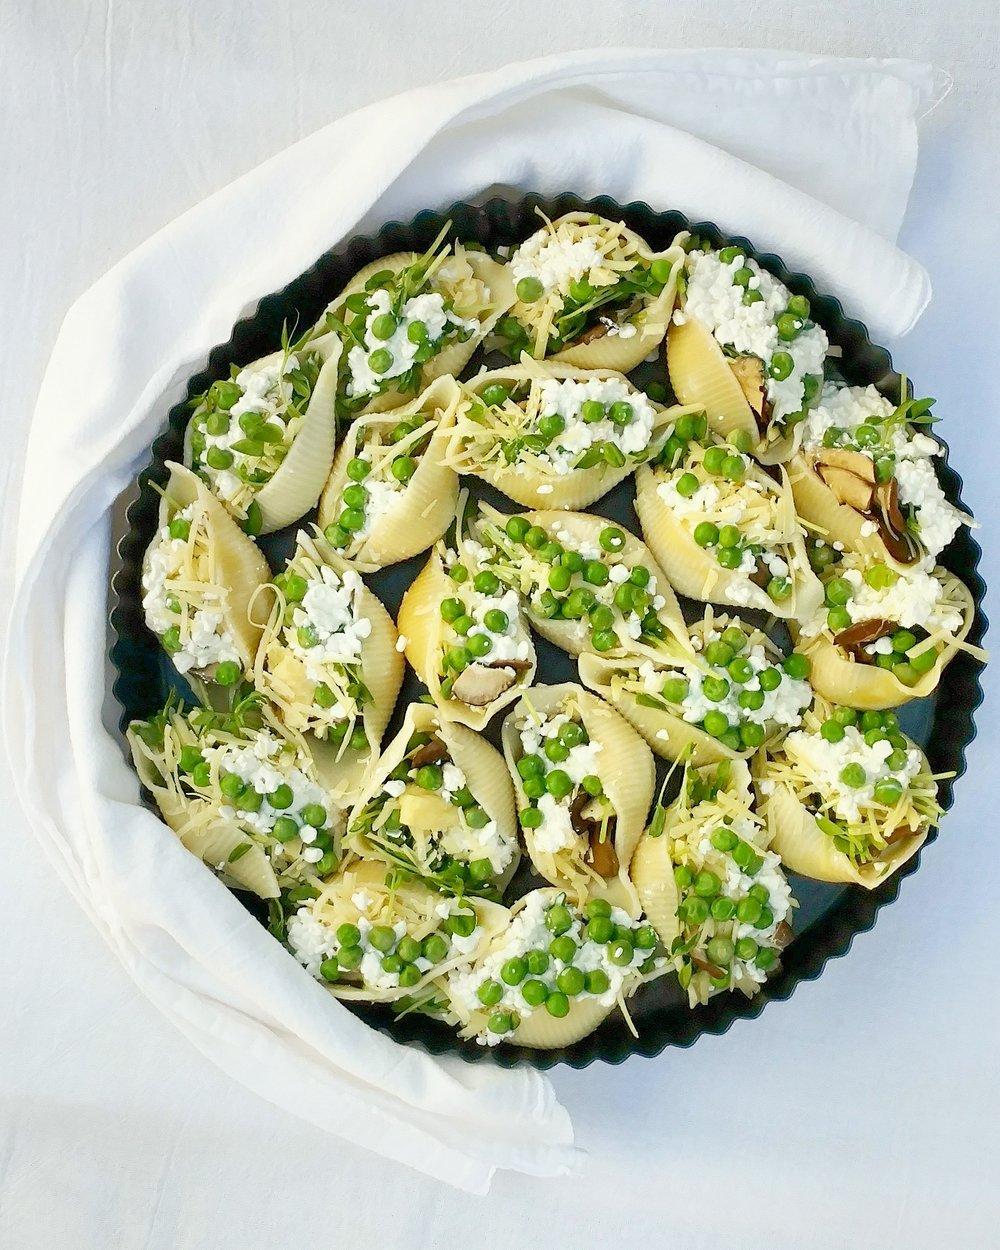 vegetarian pasta uncooked.jpeg